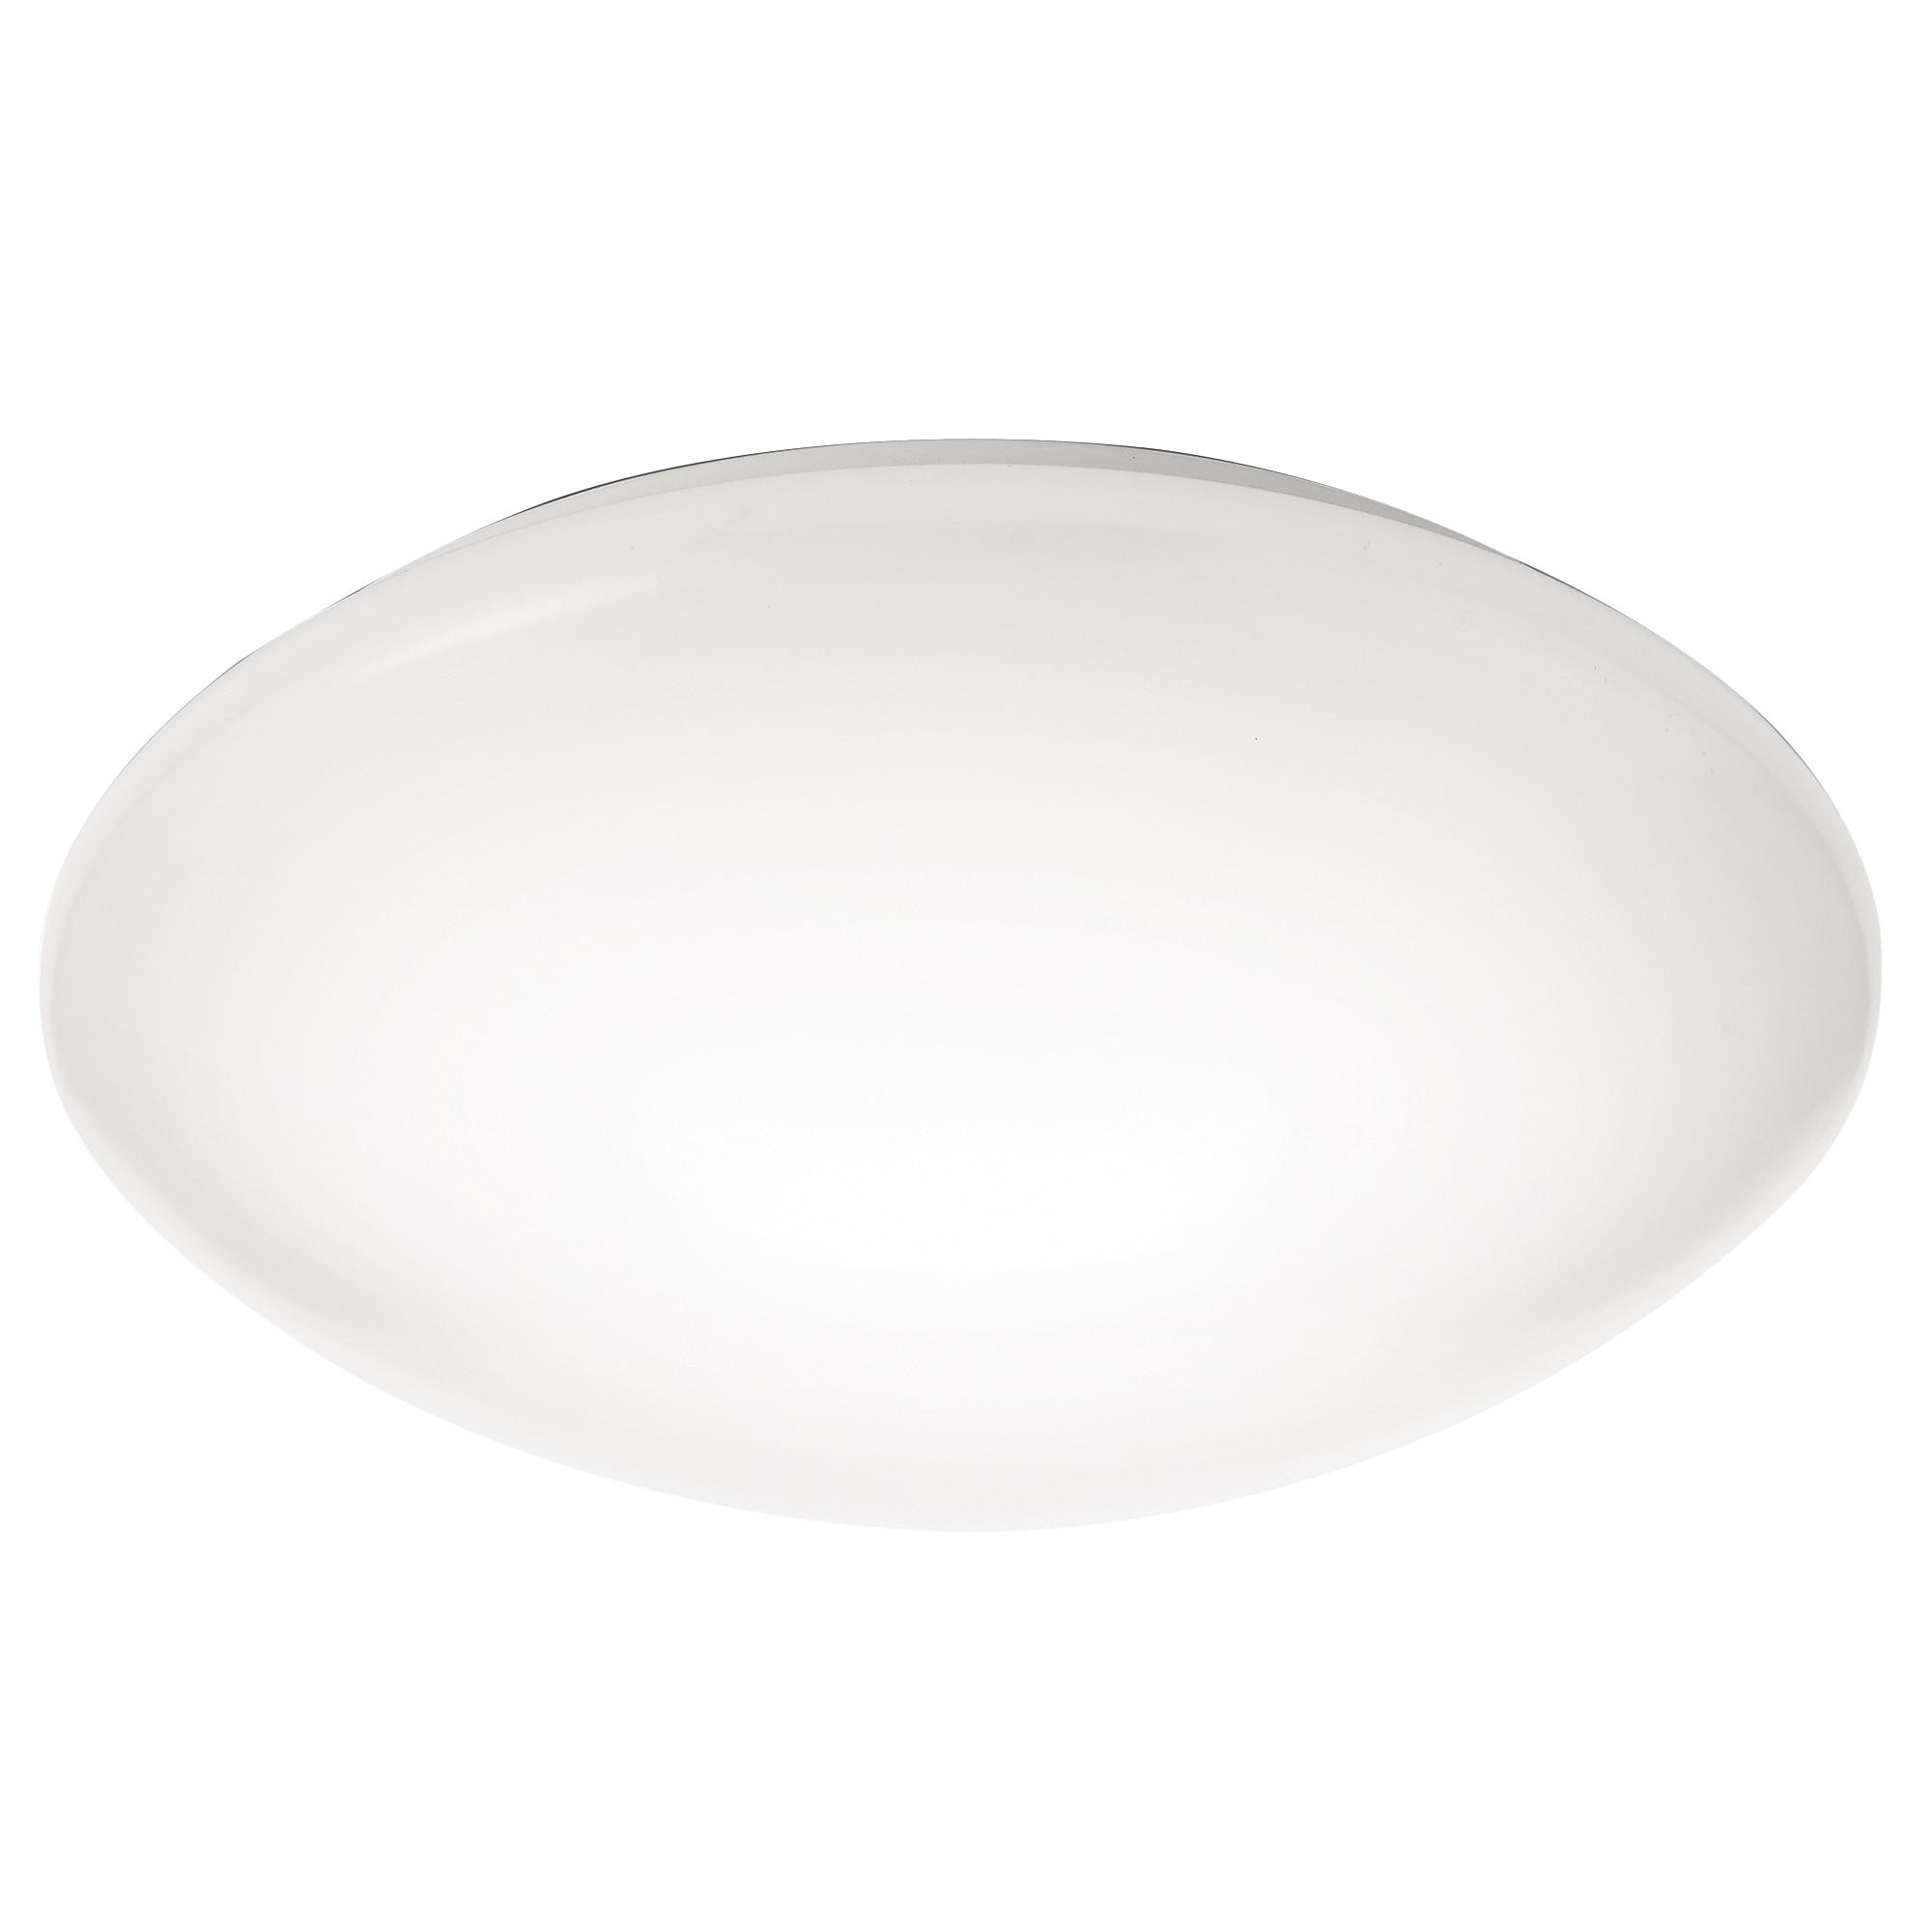 Fotografie Plafoniera LED integrat Philips Suede, 4x2.4W, 1200 lm, lumina alba calda